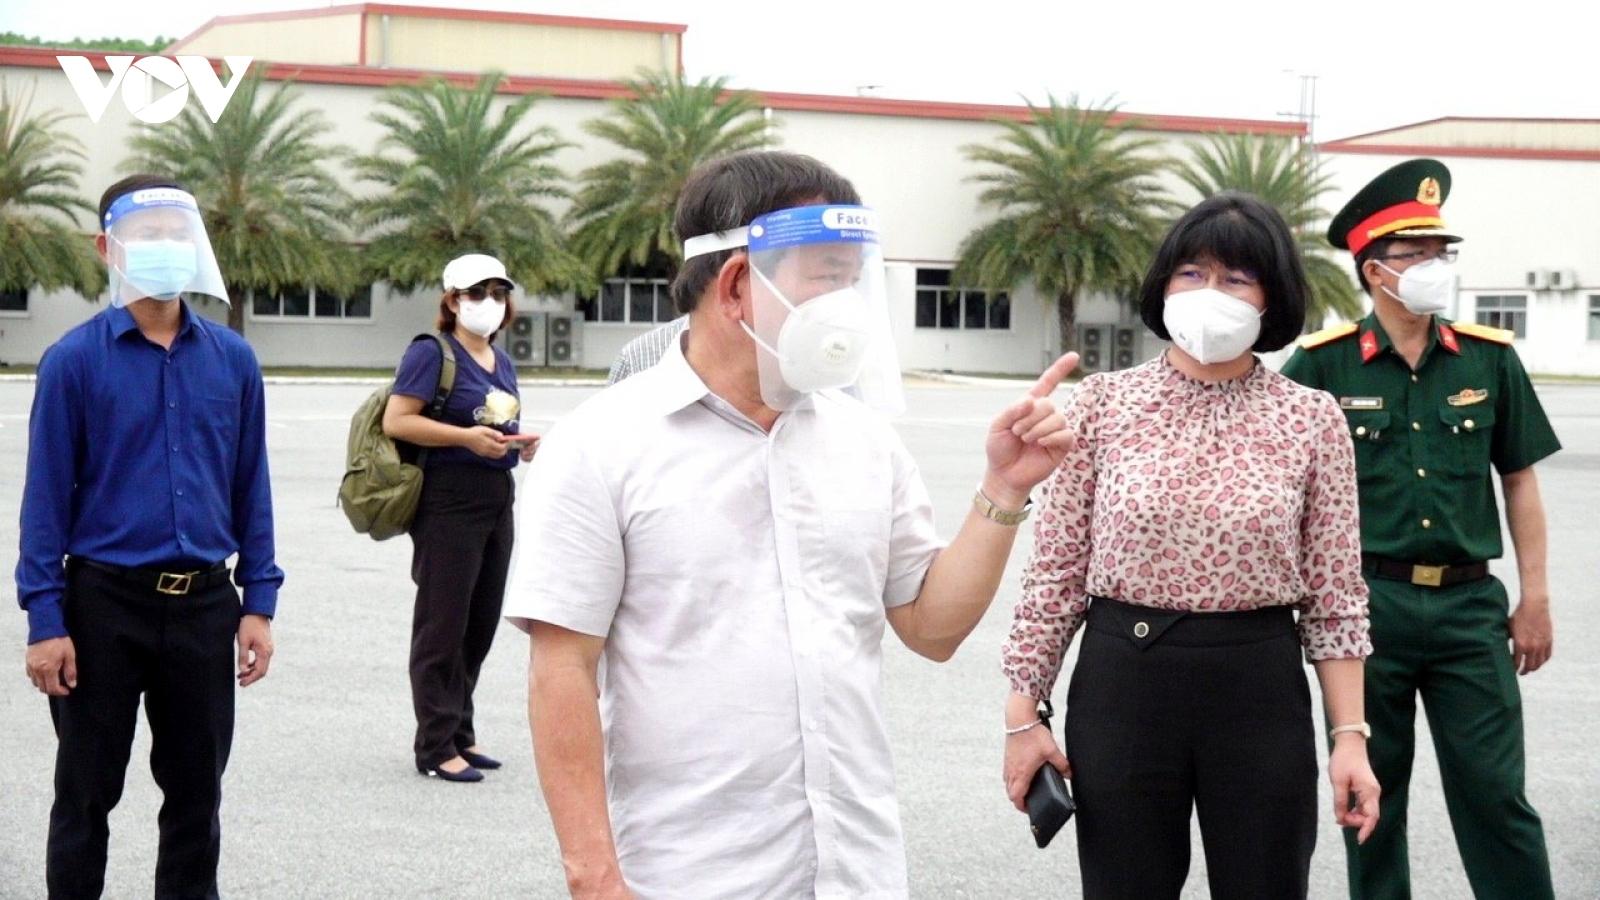 Thành phố Quảng Ngãi tiếp tục giãn cách xã hội theo Chỉ thị 16 trong 14 ngày